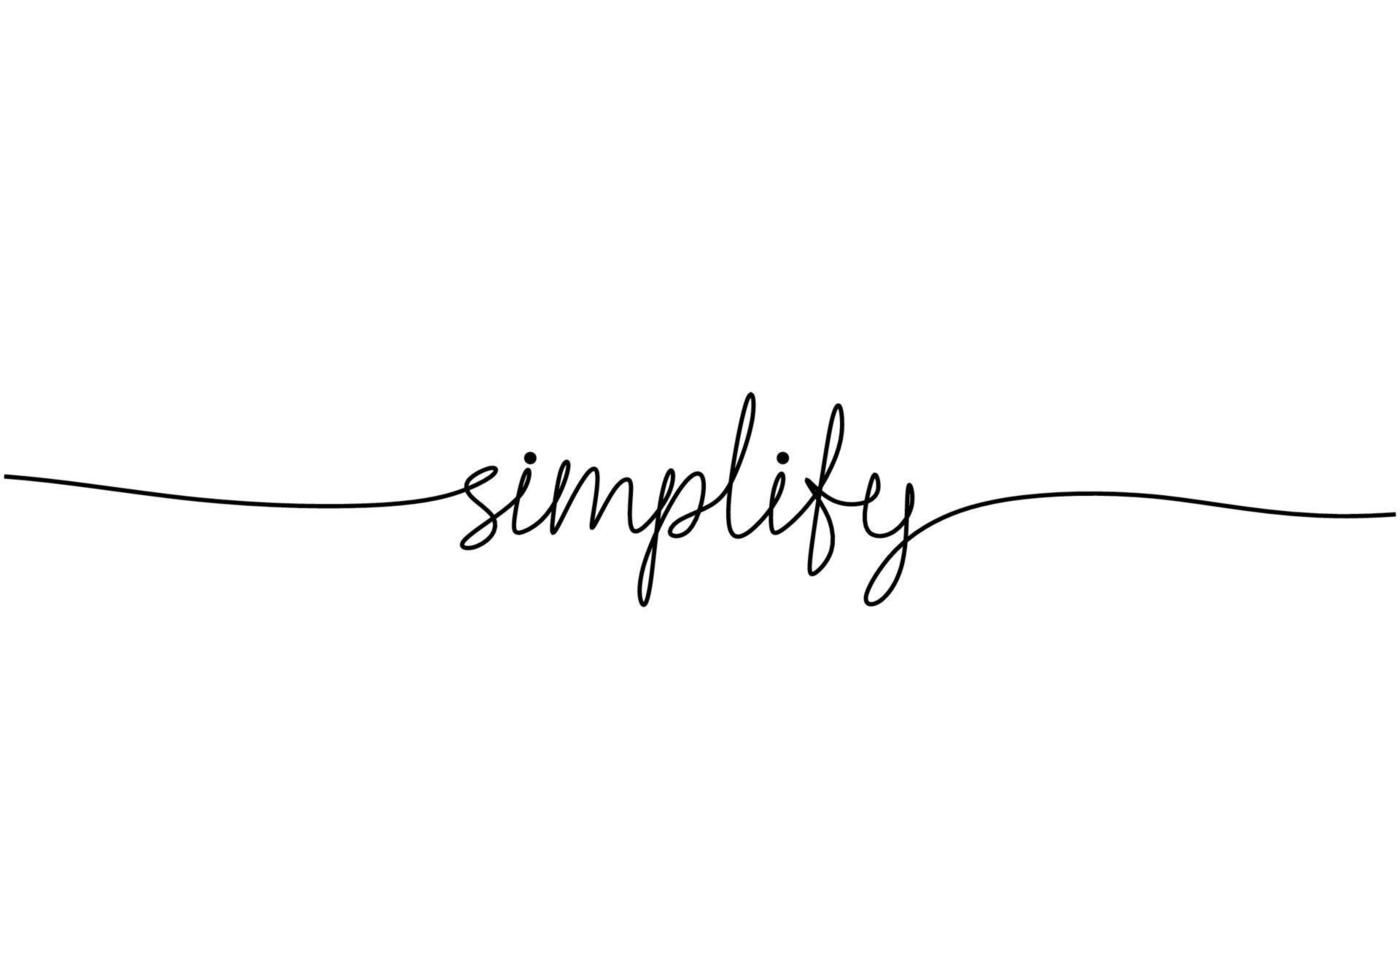 handschriftlich vereinfachen Wort eine Zeile. handgezeichnete Schrift. Kalligraphie. eine Strichzeichnung der Phrase. Kontinuierliche schwarze Strichzeichnung vereinfacht das Wort. minimalistisches Wortkonzept. vektor